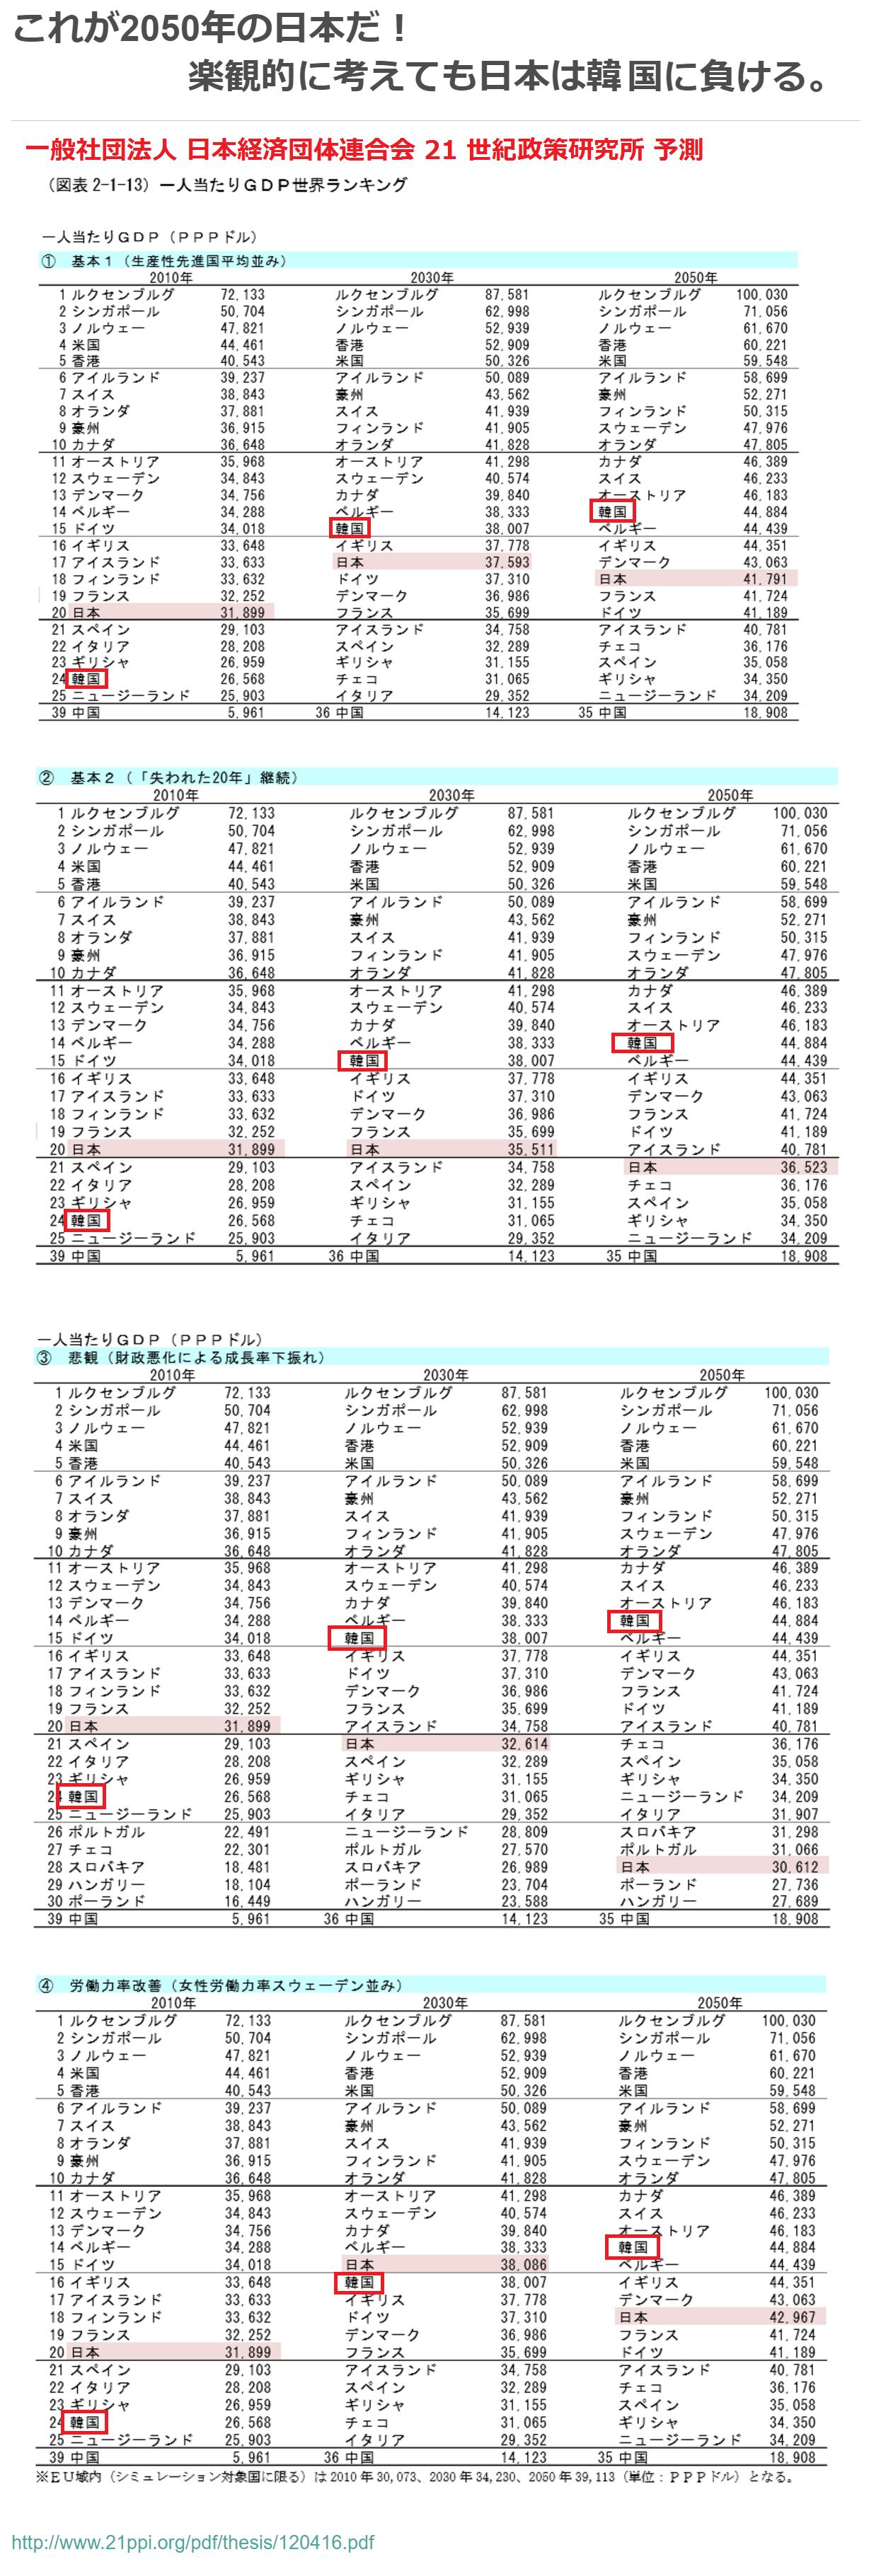 f:id:JAPbuster:20161212175915p:plain